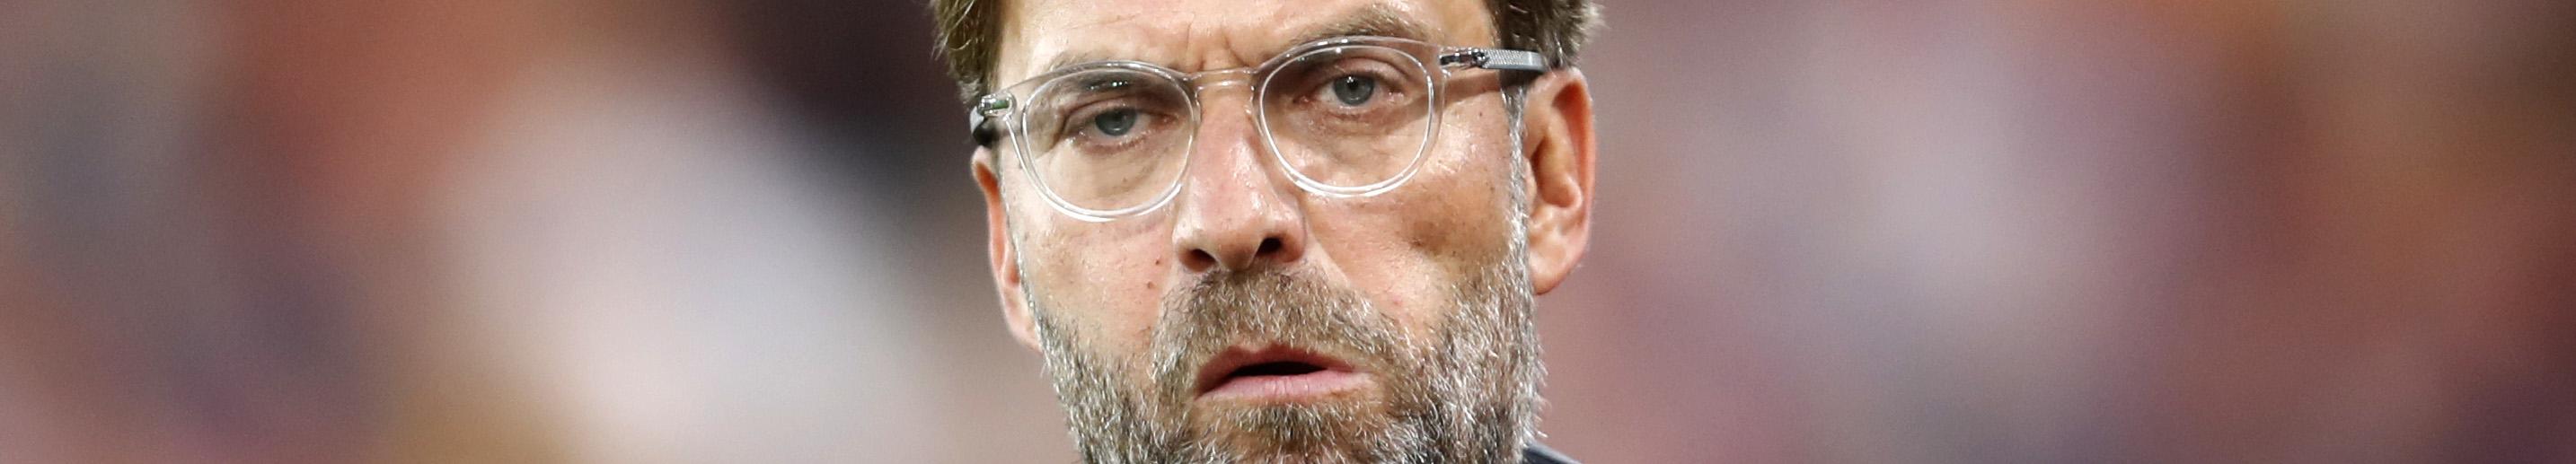 Liverpool-Barcellona, per la rimonta Klopp punta sulla solidità: nessuno ha più